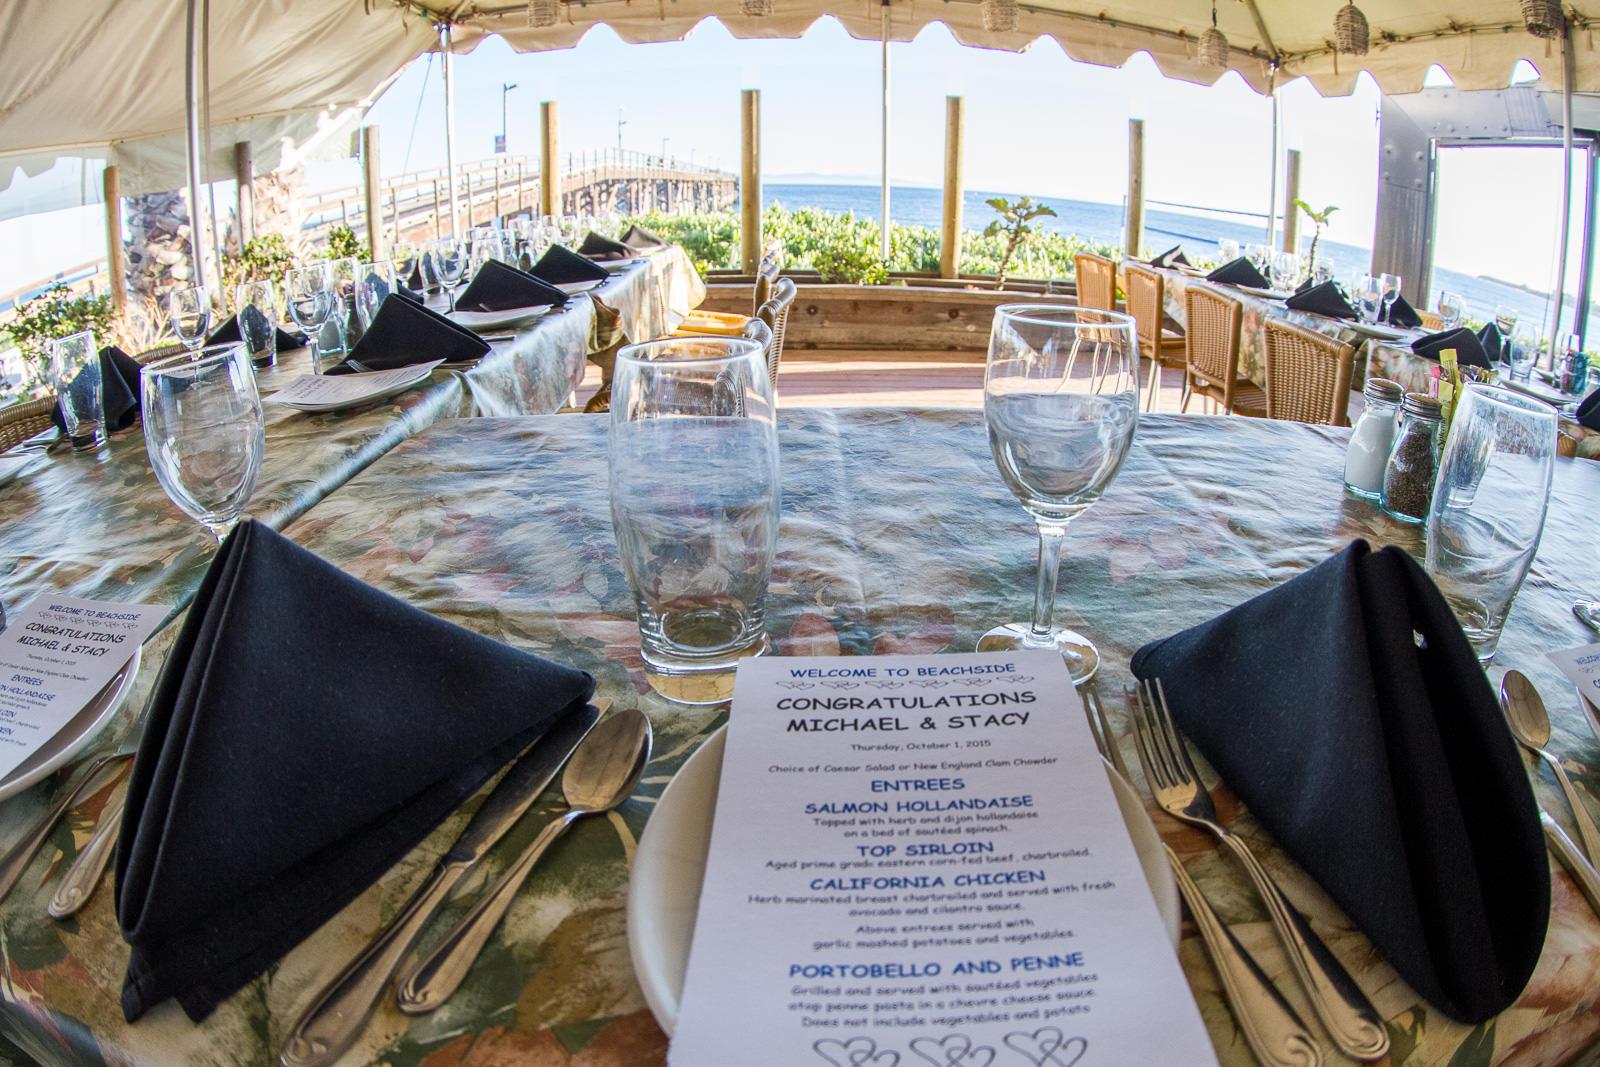 Beachside Restaurant Goleta-100.jpg